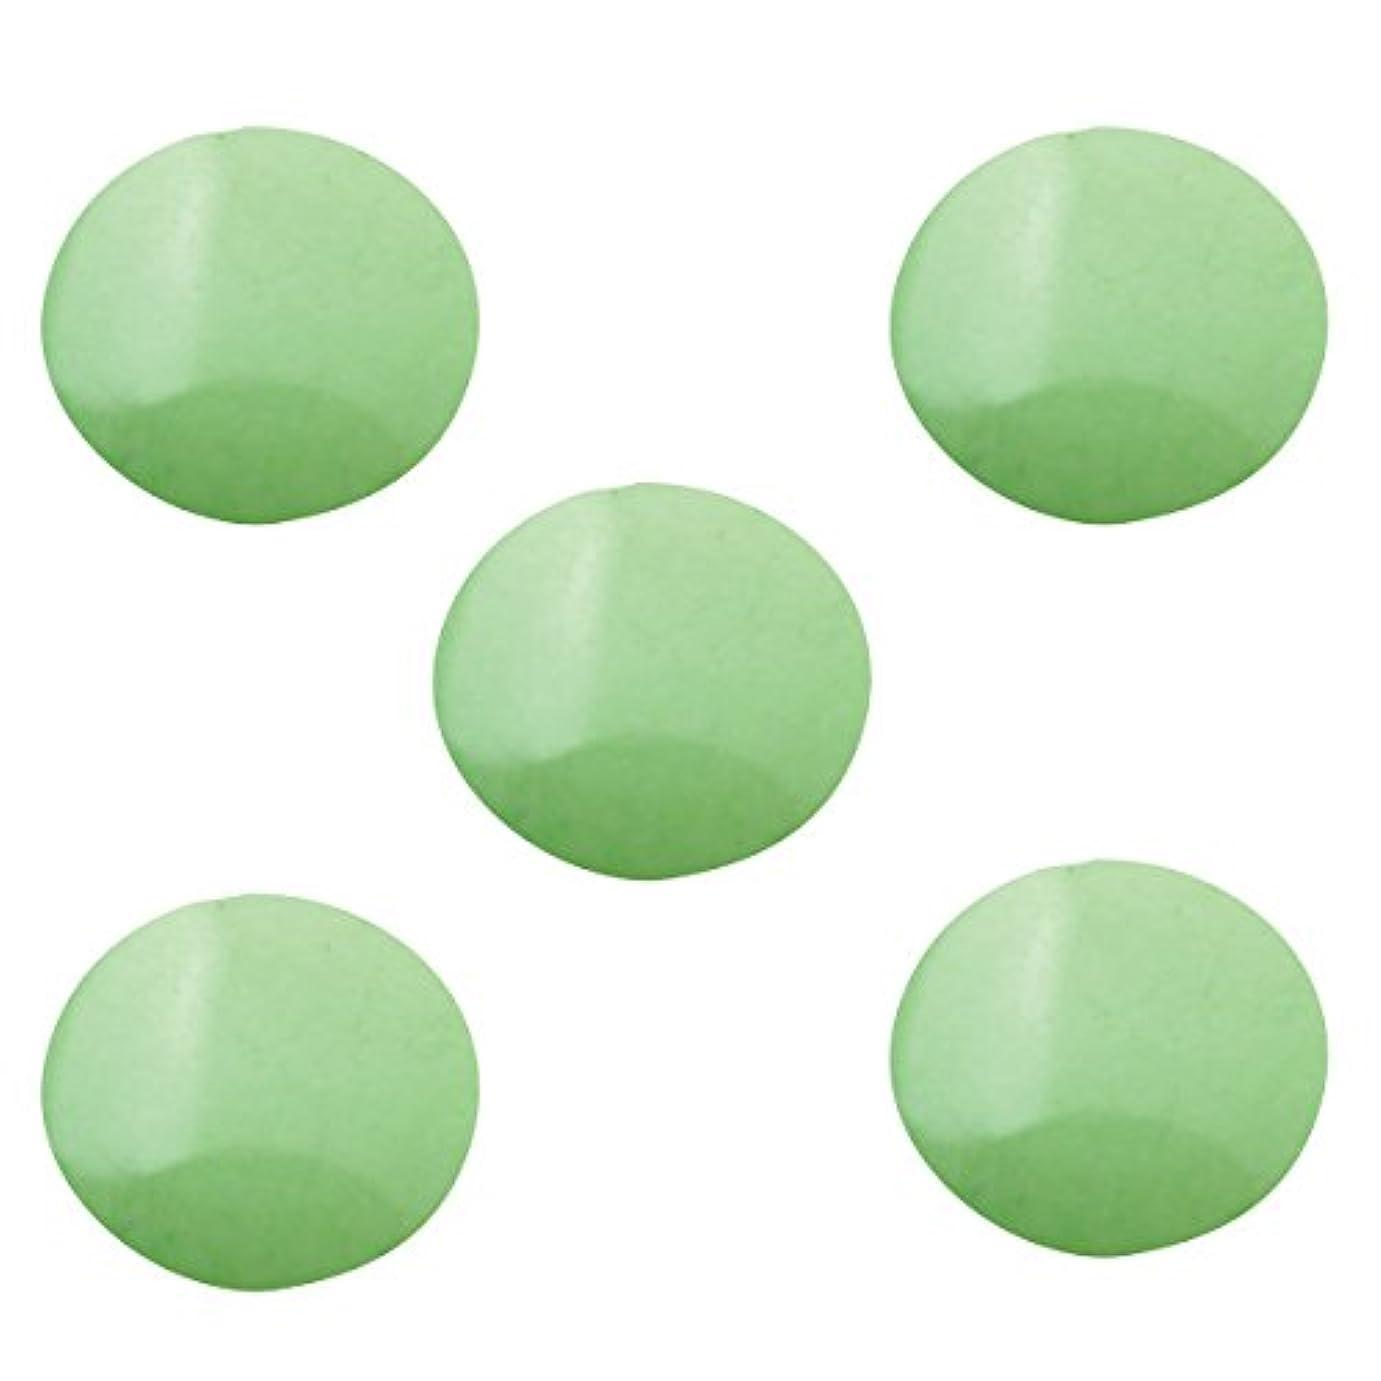 美的立ち向かう苗パステルスタッズ ラウンド 3mm (100個入り) グリーン